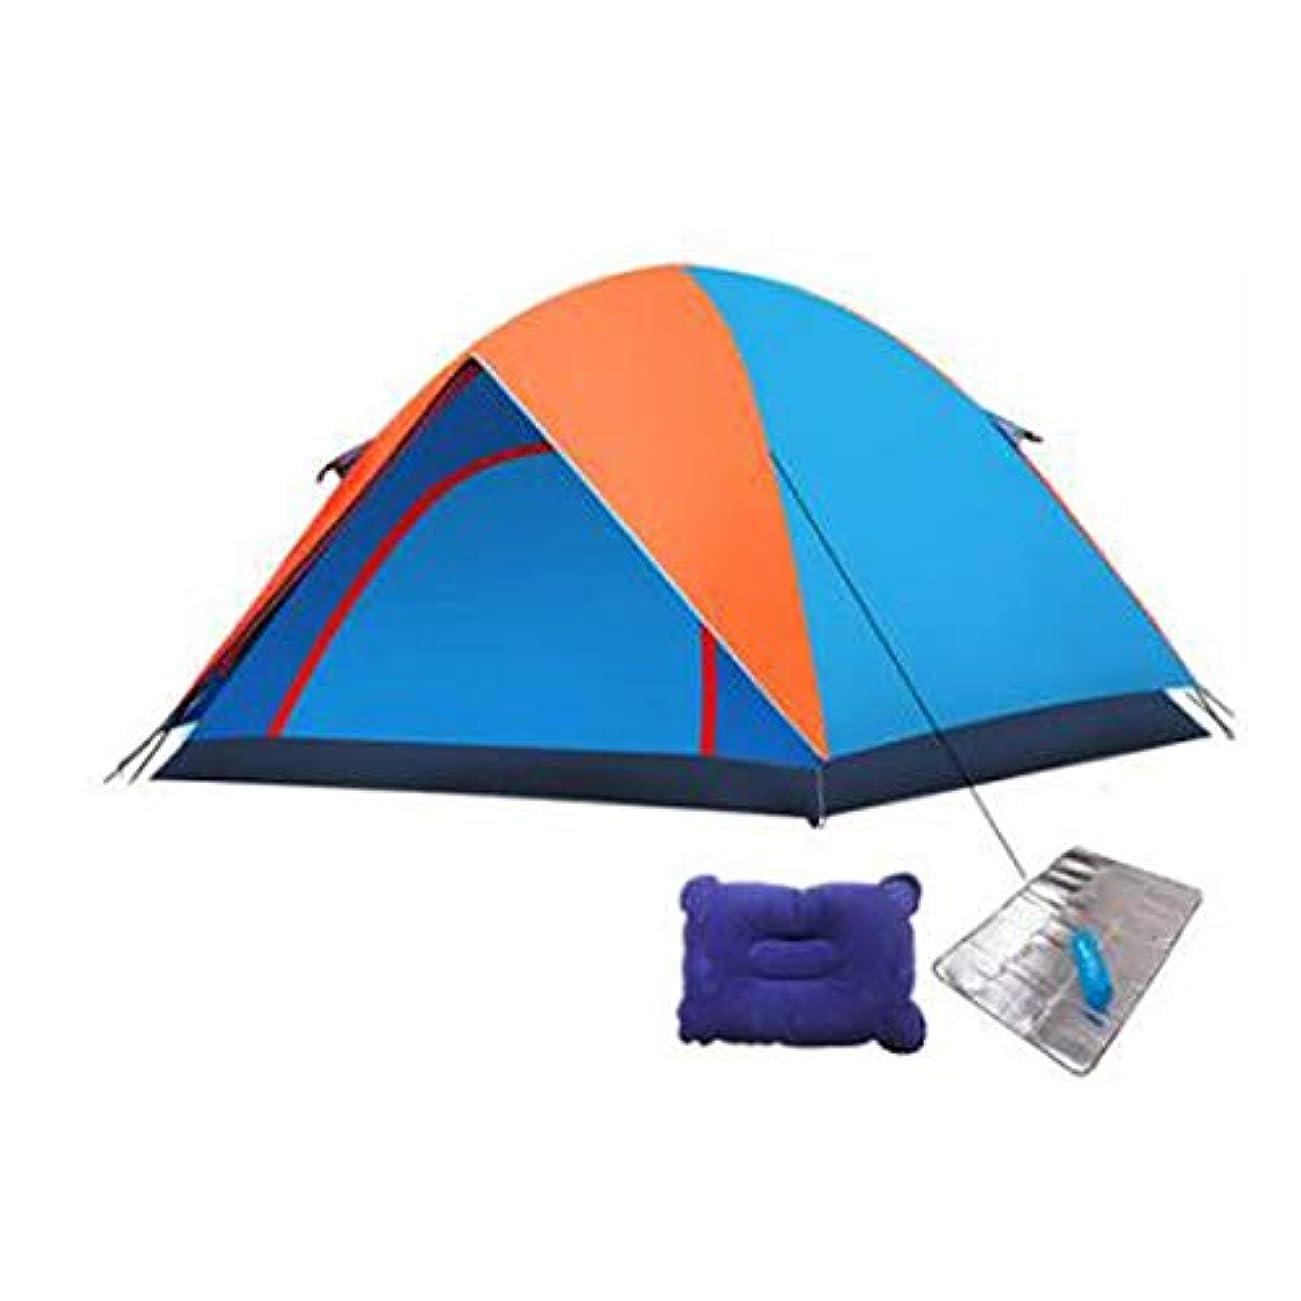 火炎戸惑うゲームテント、二重防雨日焼け止め防蚊テント、家族の屋外のキャンプのビーチシーサイドレジャーに適し、二重ドア、青